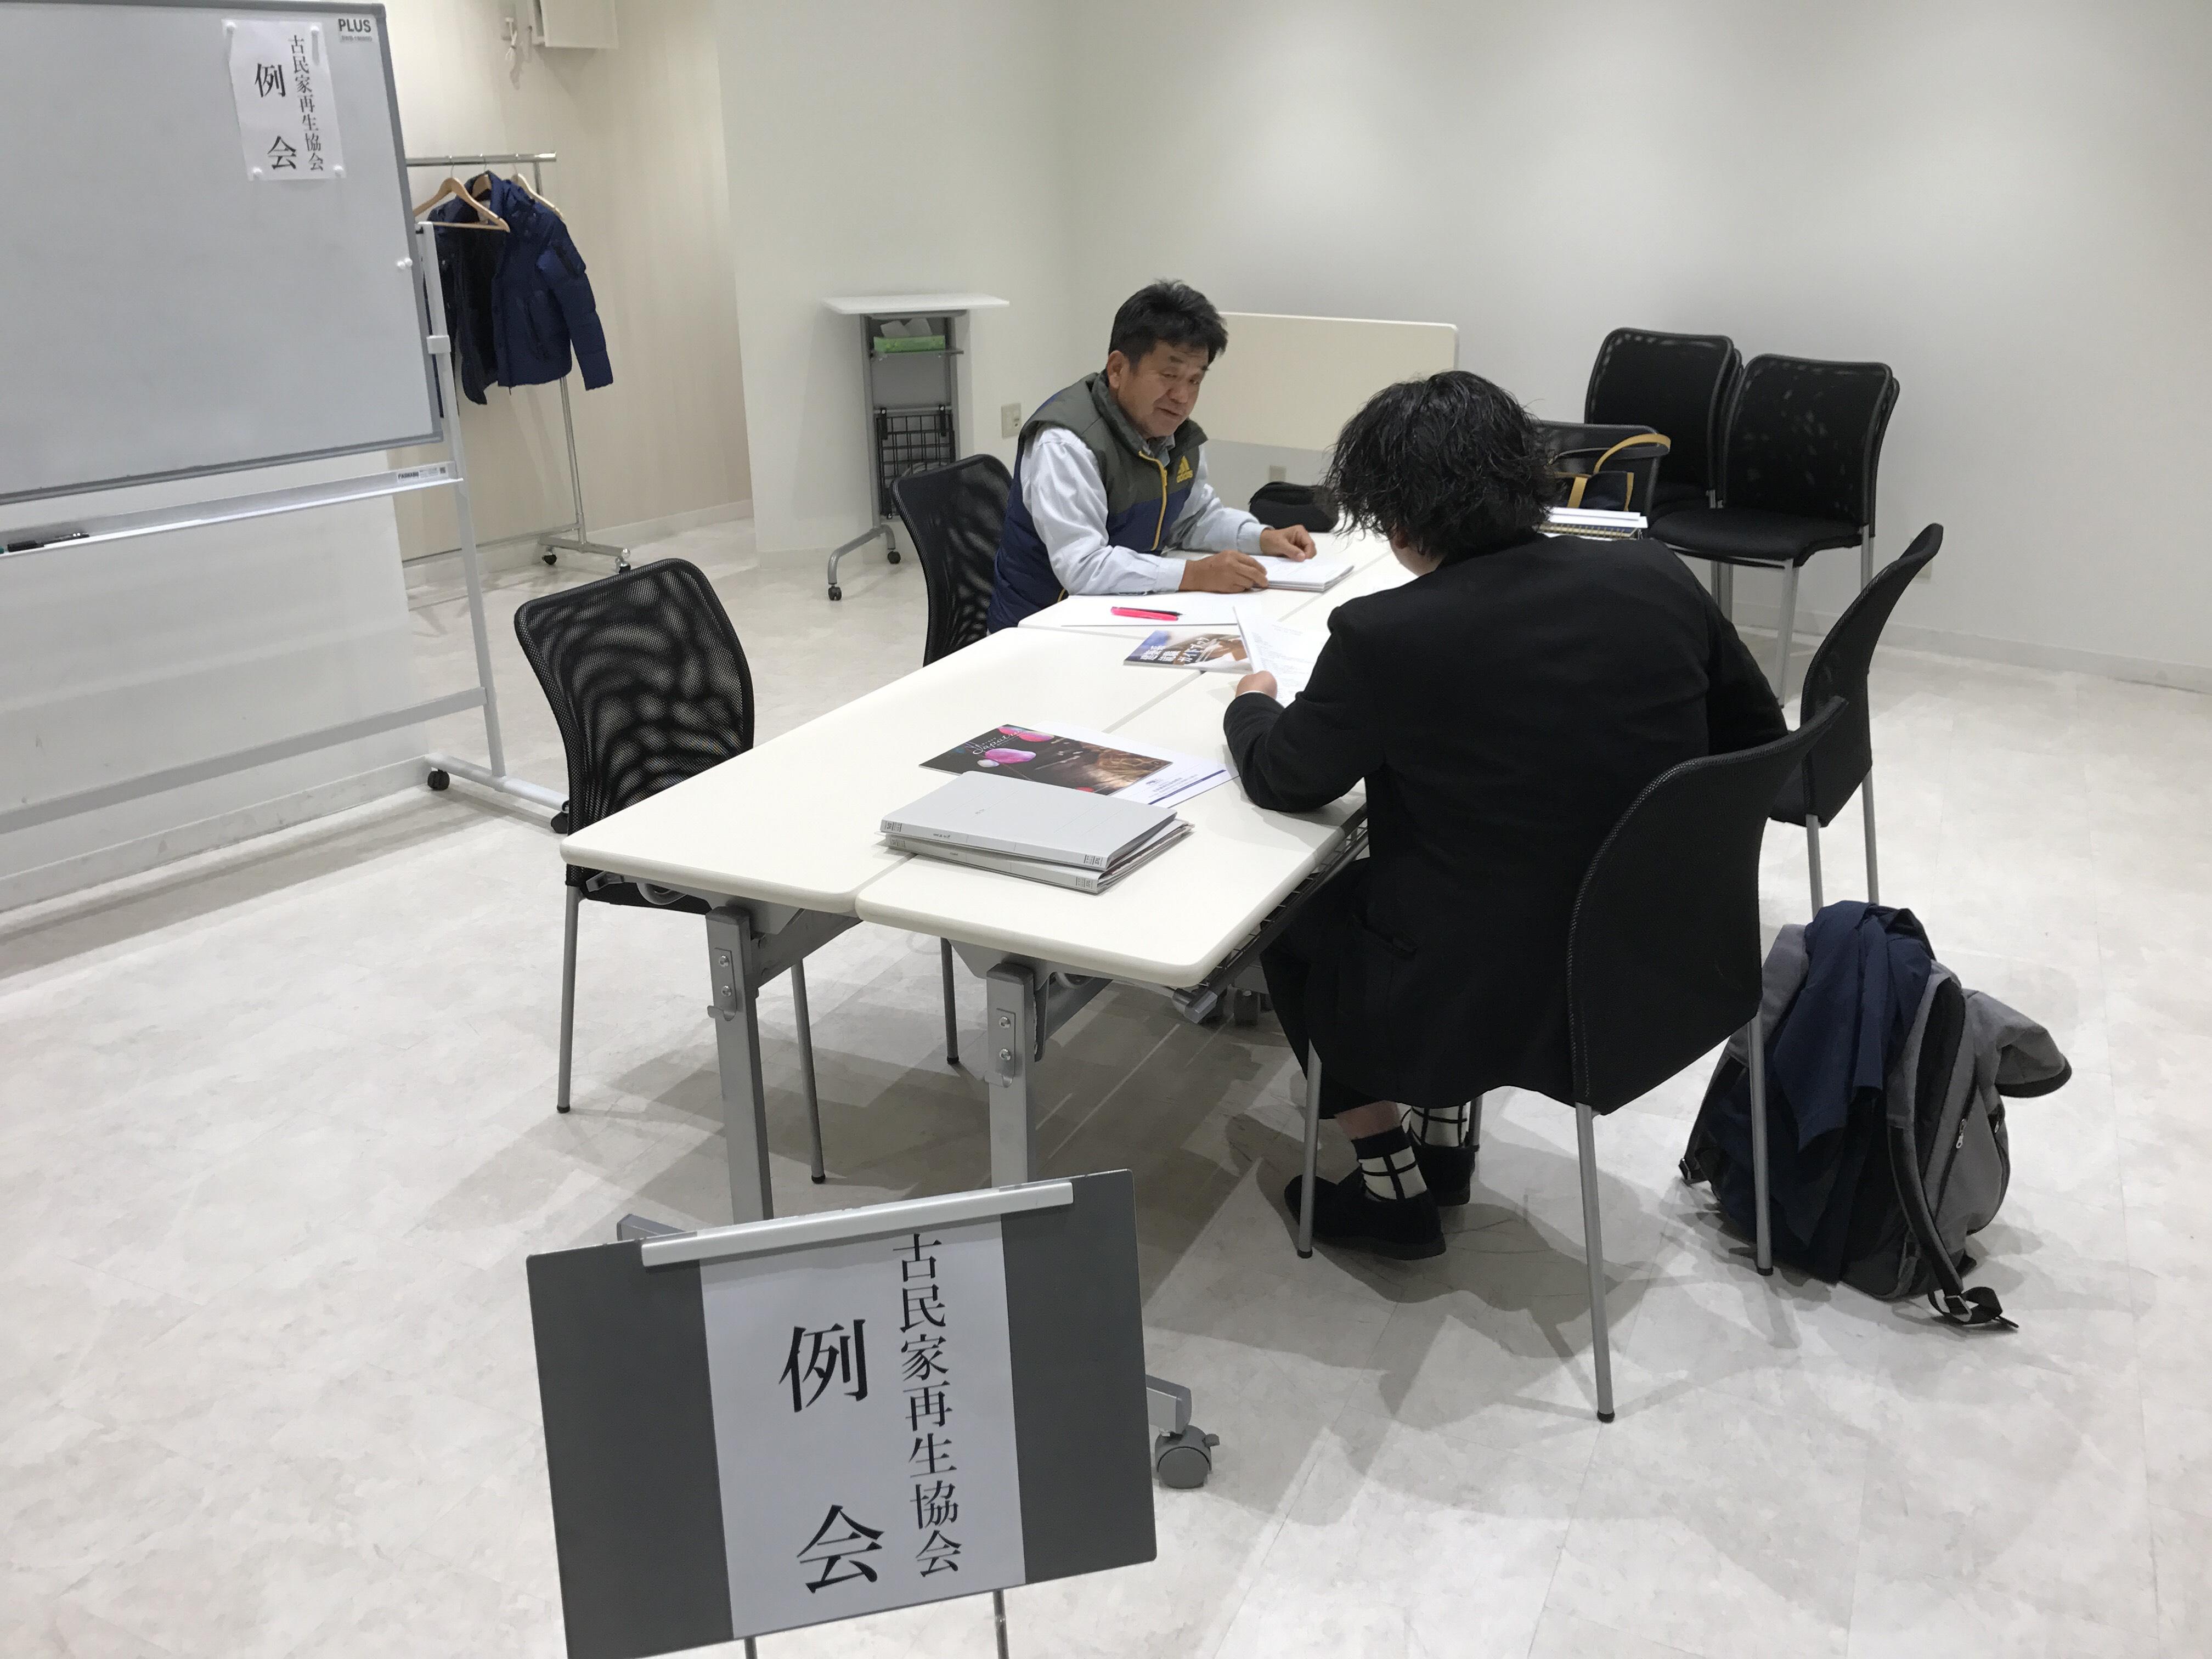 2017/03/18 古民家再生協会熊本例会